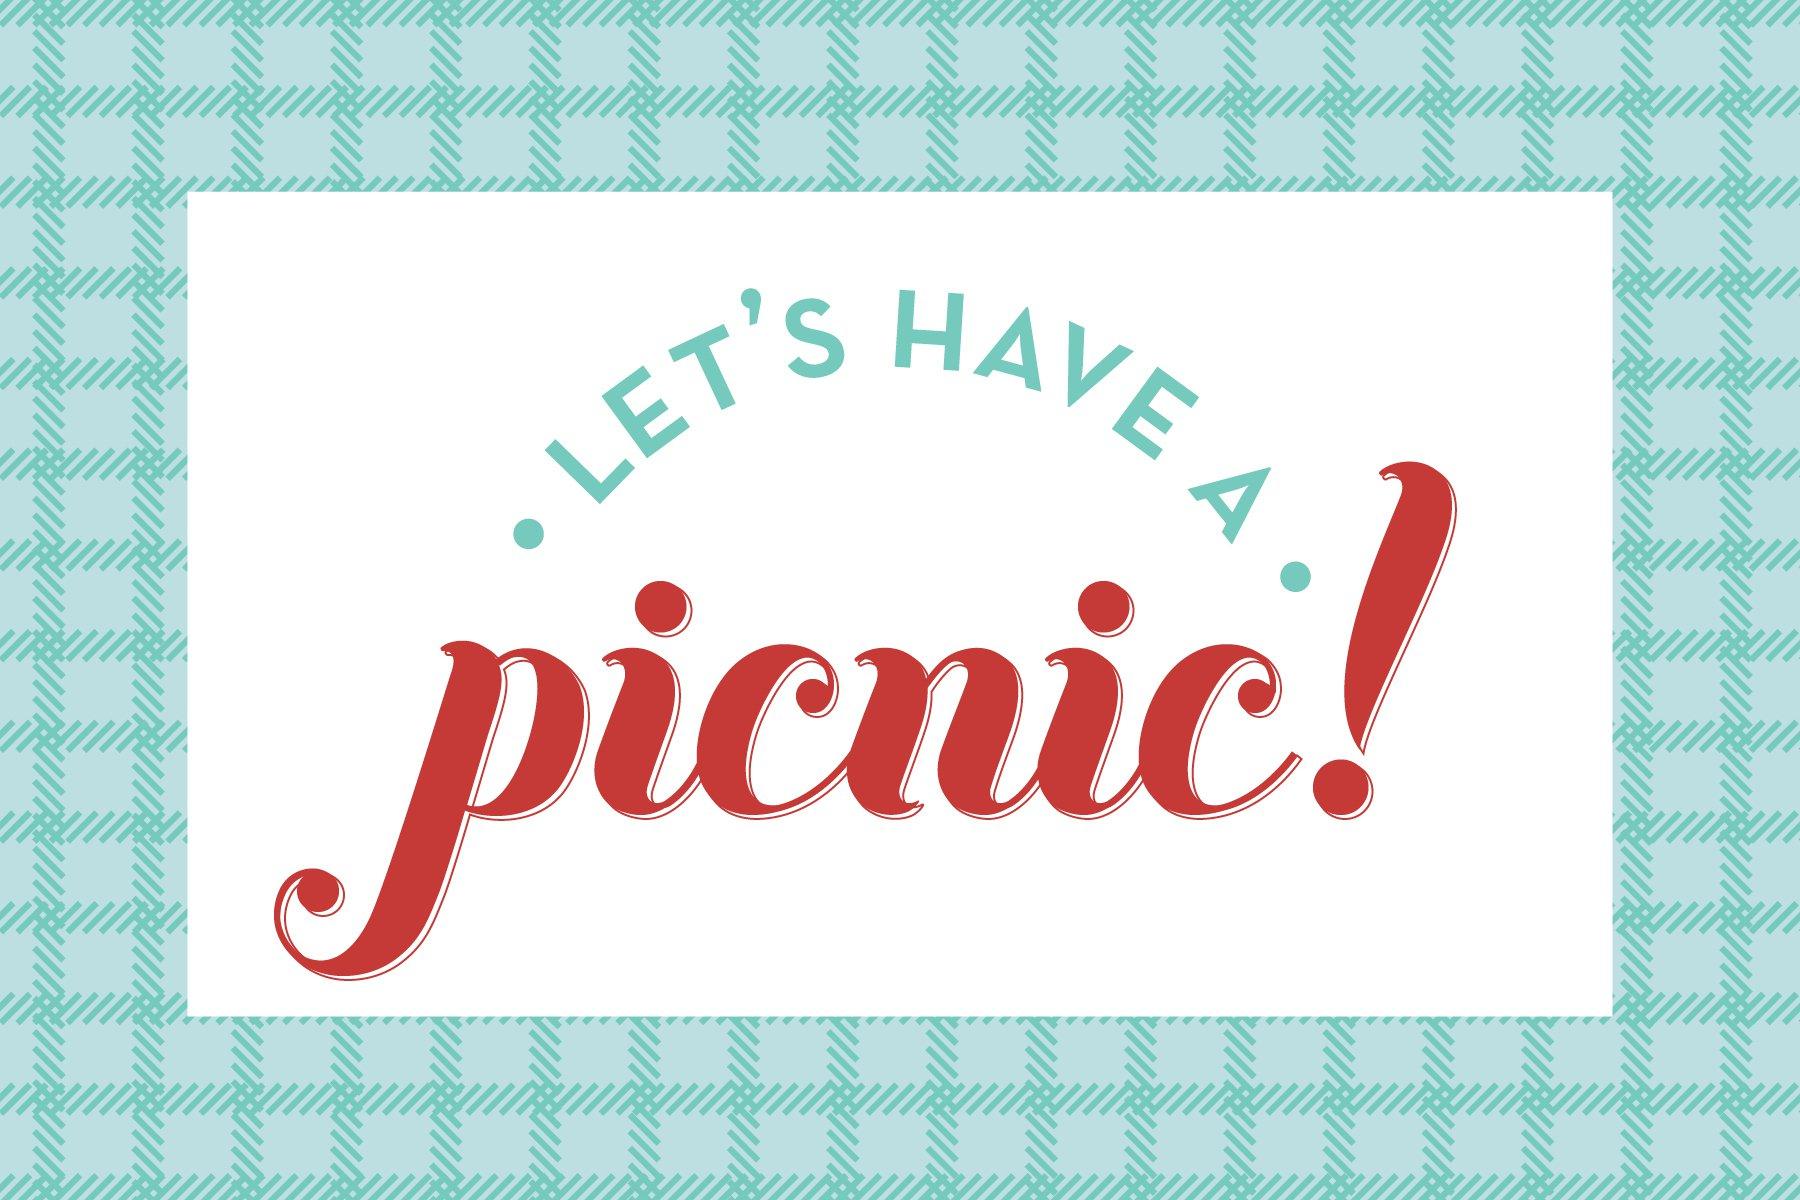 Picnic Invitation – Picnic Invitation Template